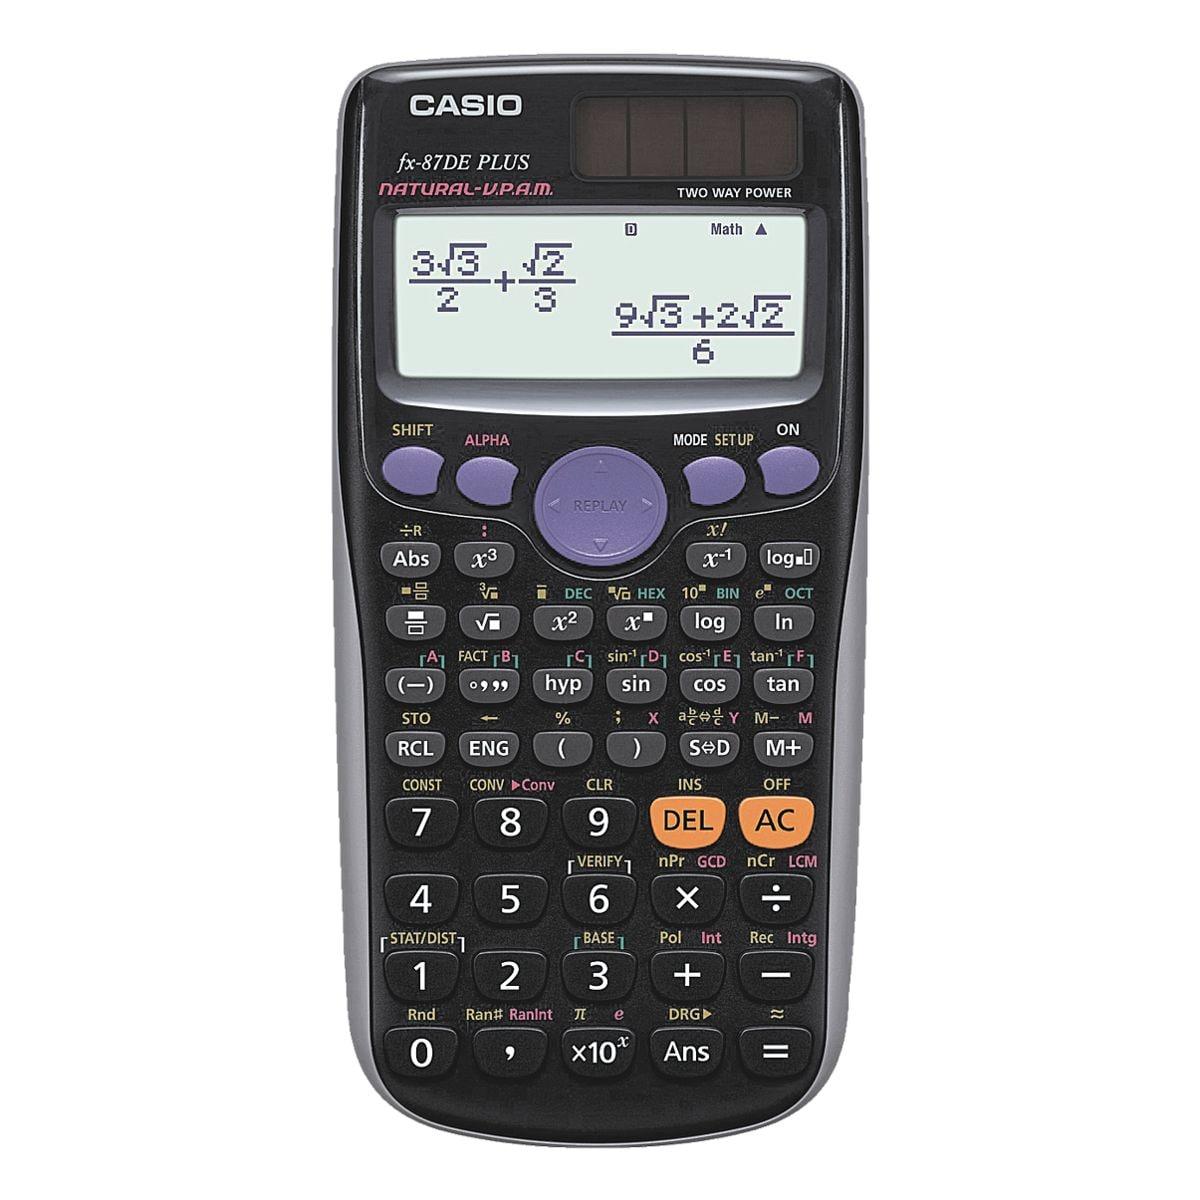 CASIO Schulrechner »FX-87DE plus«